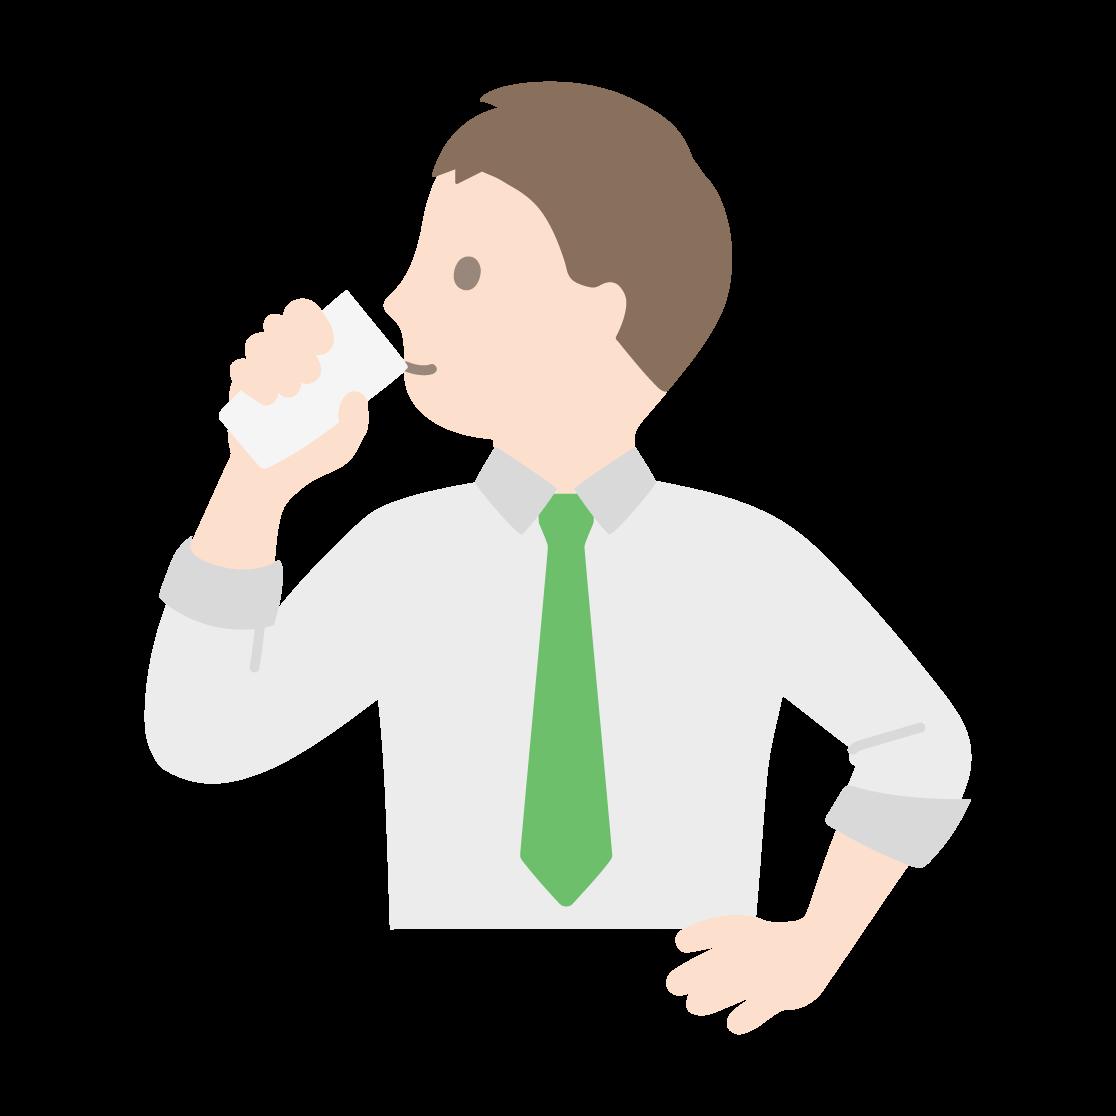 牛乳を飲む男性の塗りイラスト